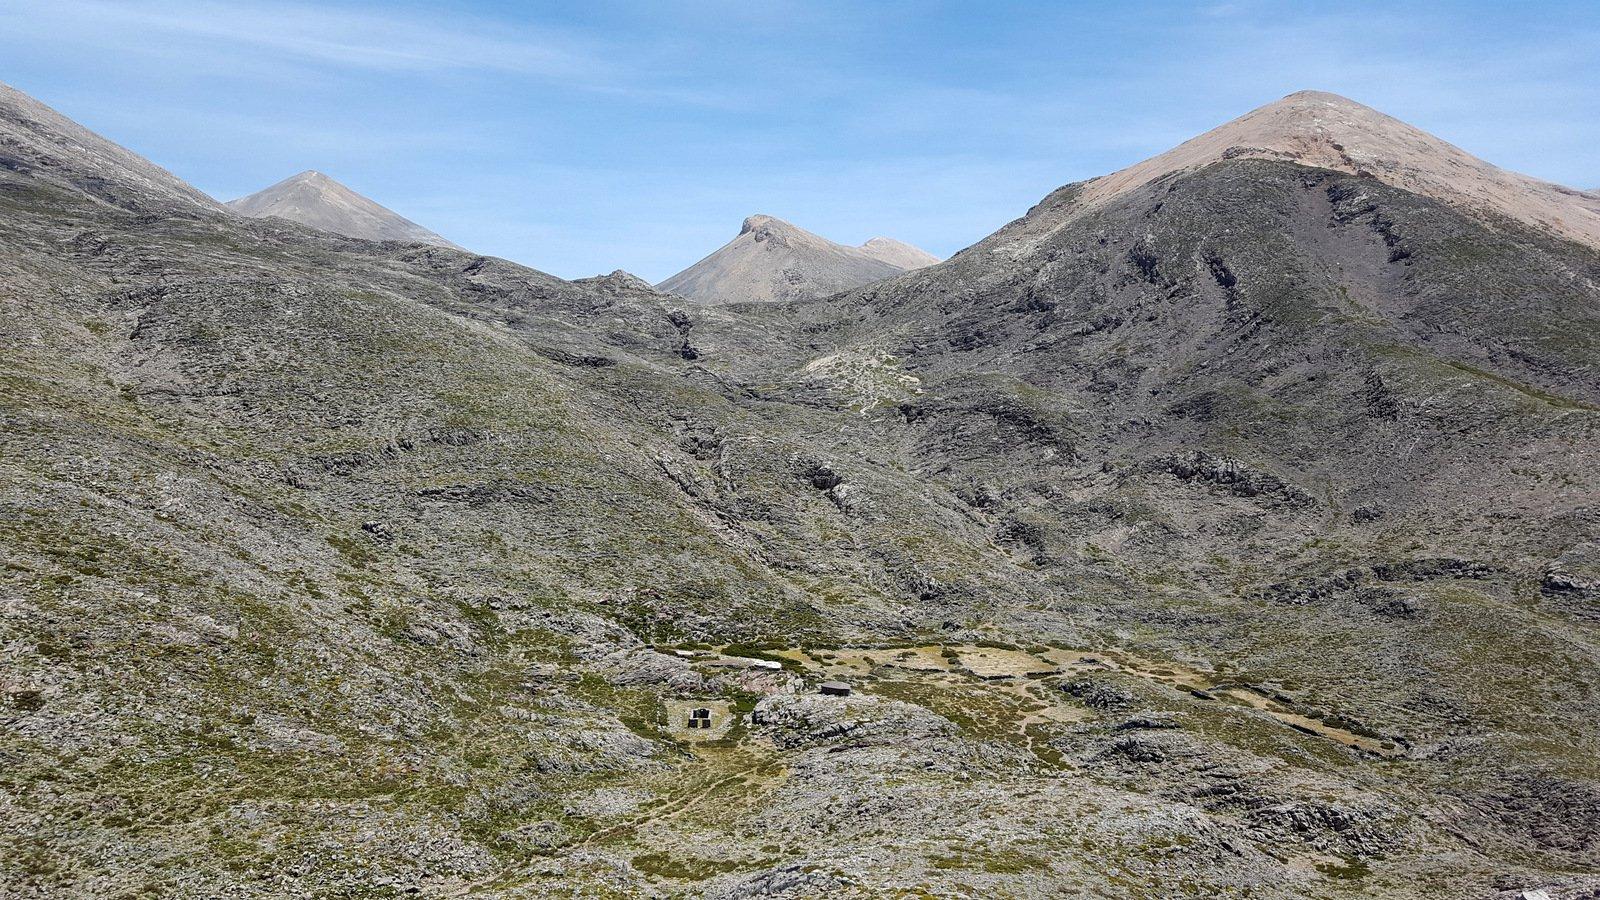 Il pianoro di Katsiveli, a dx il Modaki, in centro lo Zouridia, a sx Mesa Soros.